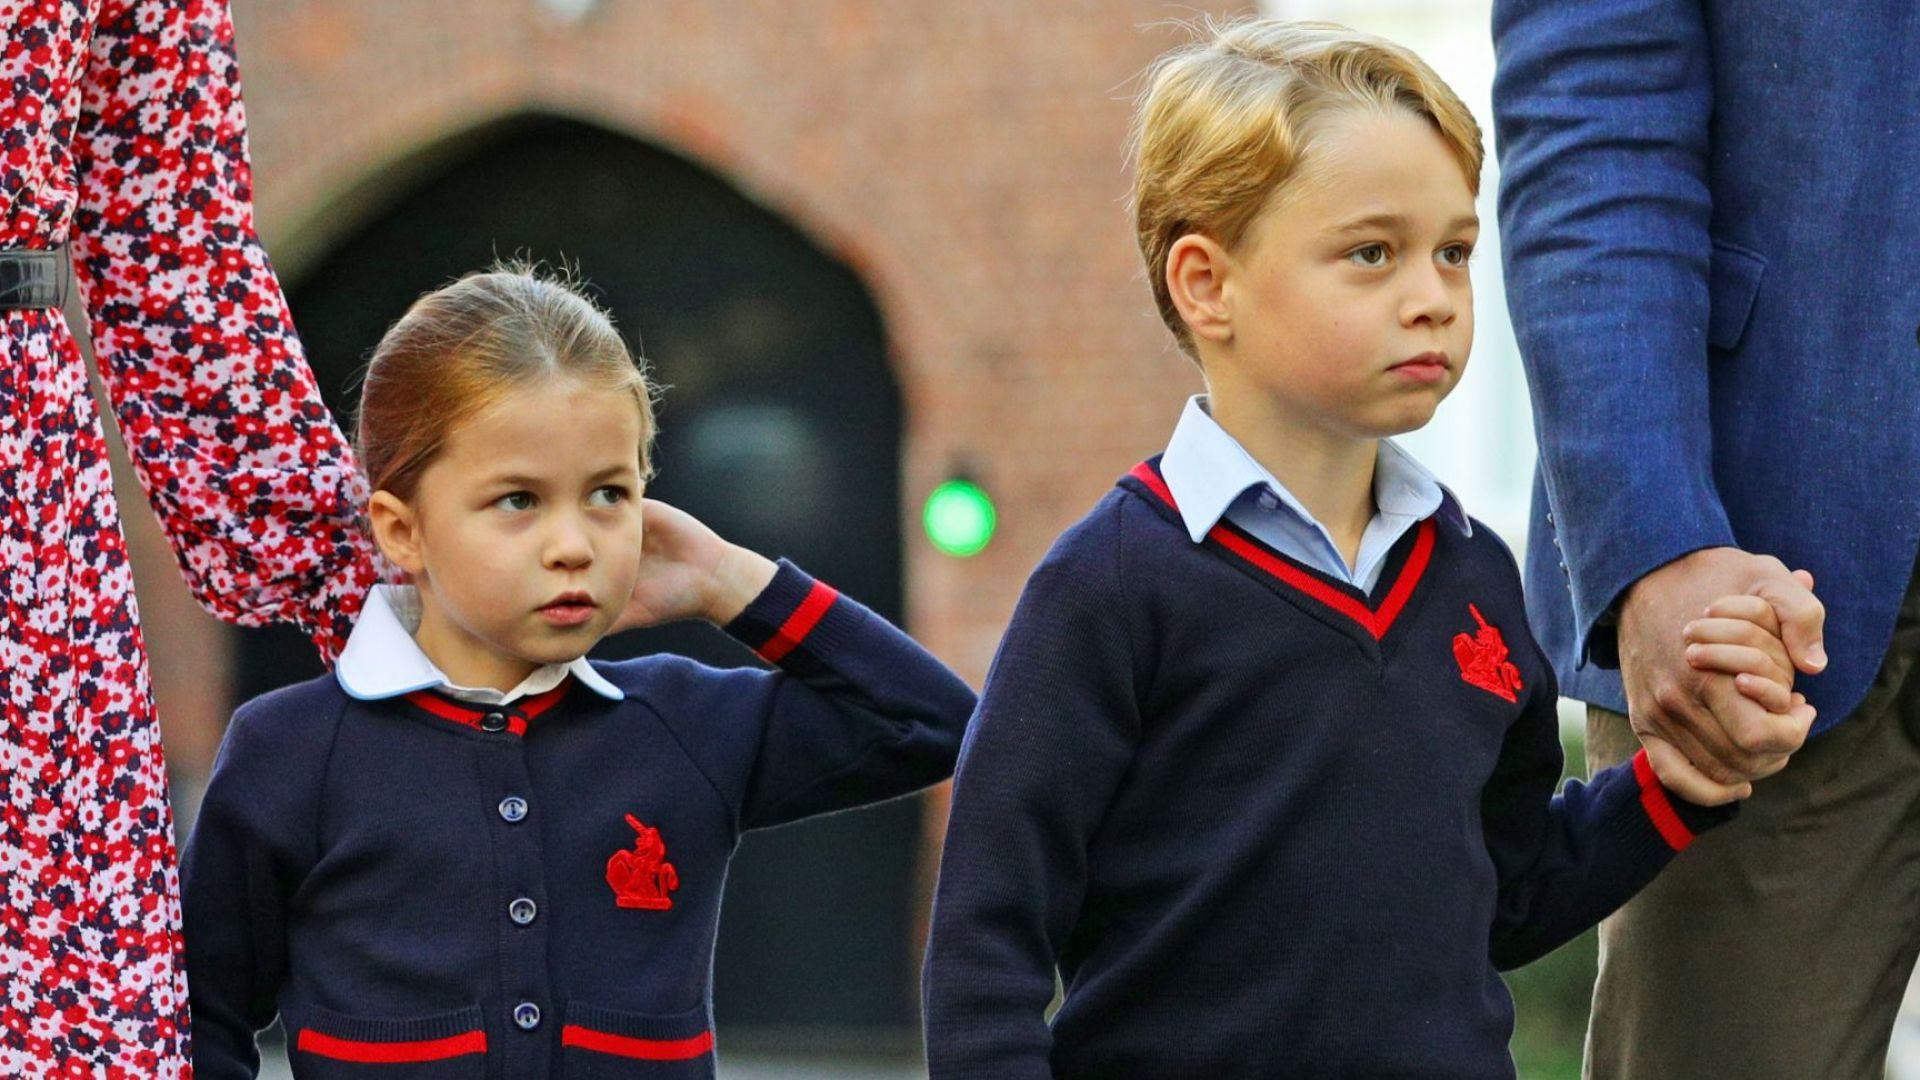 Любимото занимание на принц Джордж и принцеса Шарлот у дома